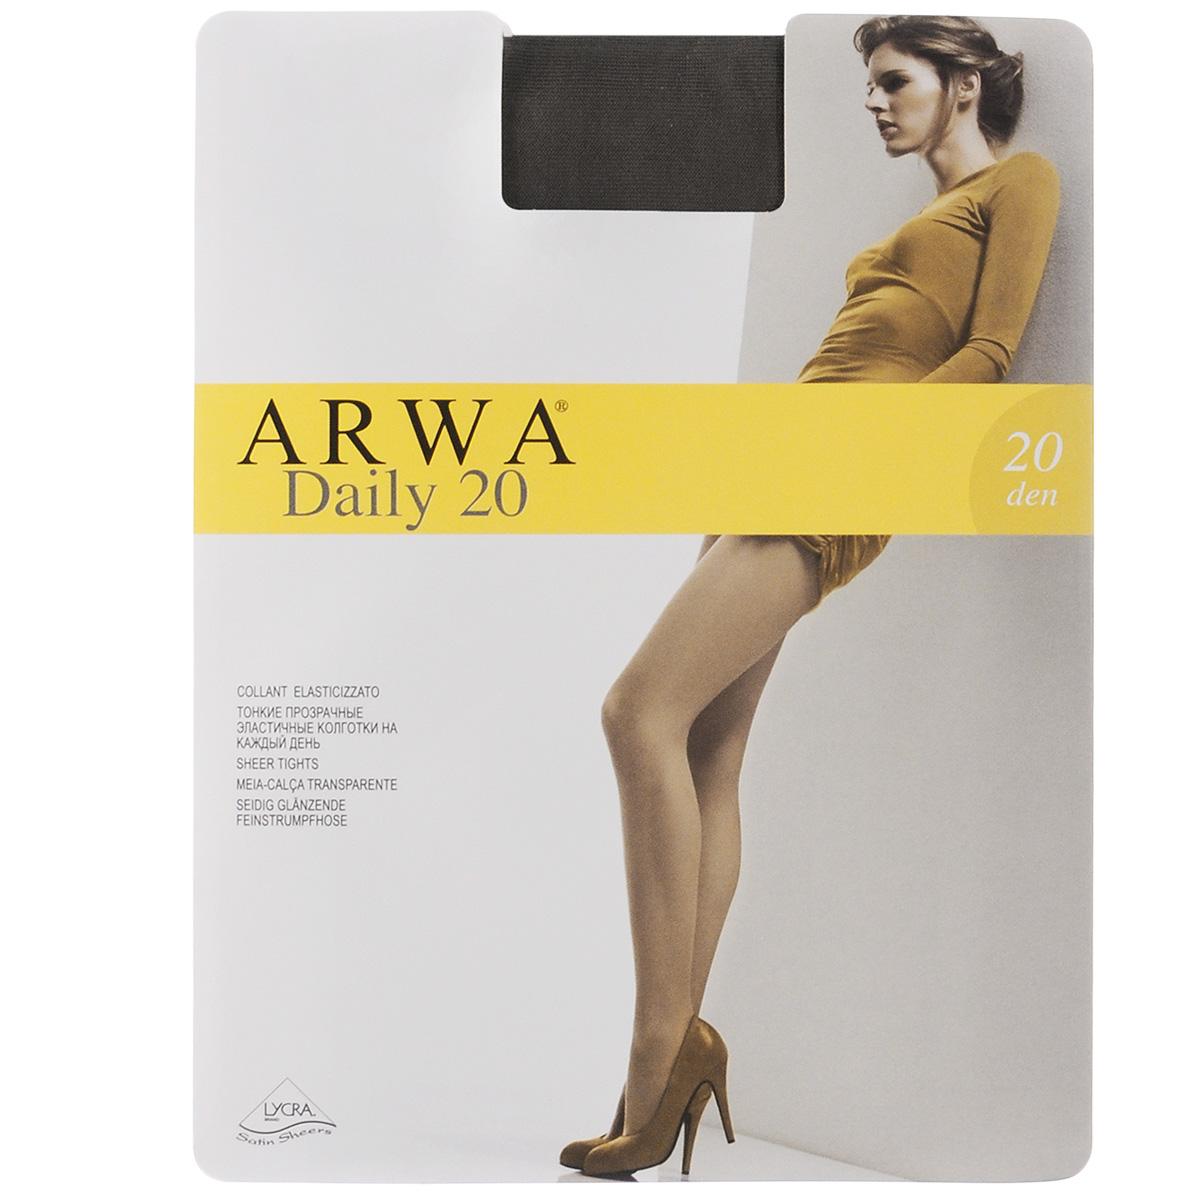 Колготки женские Daily 20800ARWAТонкие прозрачные эластичные колготки Arwa Daily с удобным швом - отличный выбор на каждый день. Плотность: 20 den.